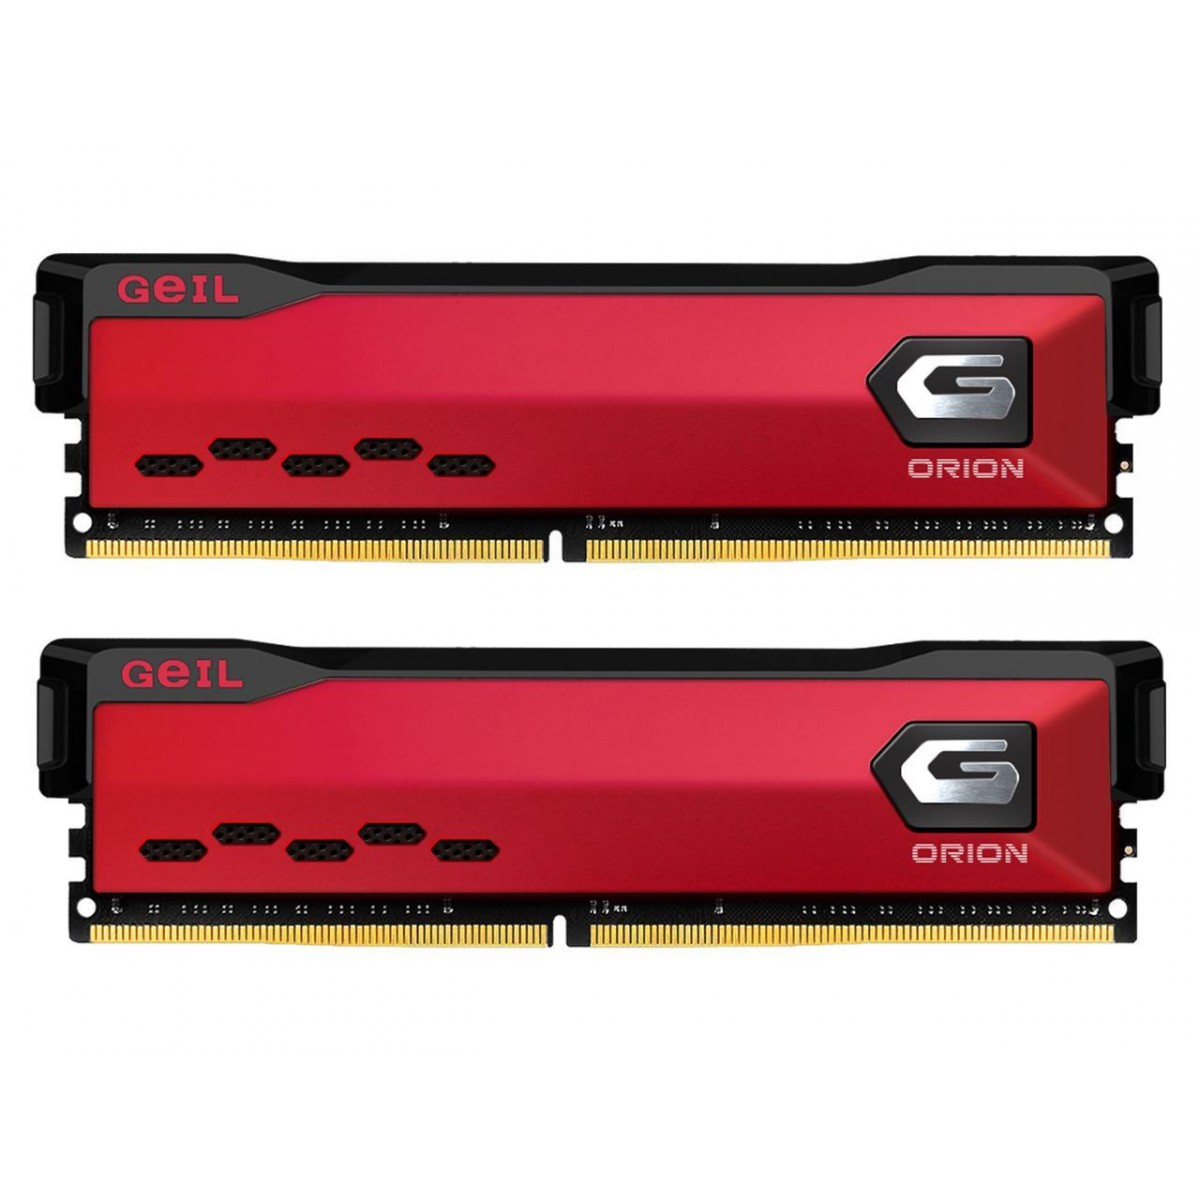 Memória DDR4 Geil Orion, 16GB (2x8GB) 4000MHz, Red, GAOR416GB4000C18BDC